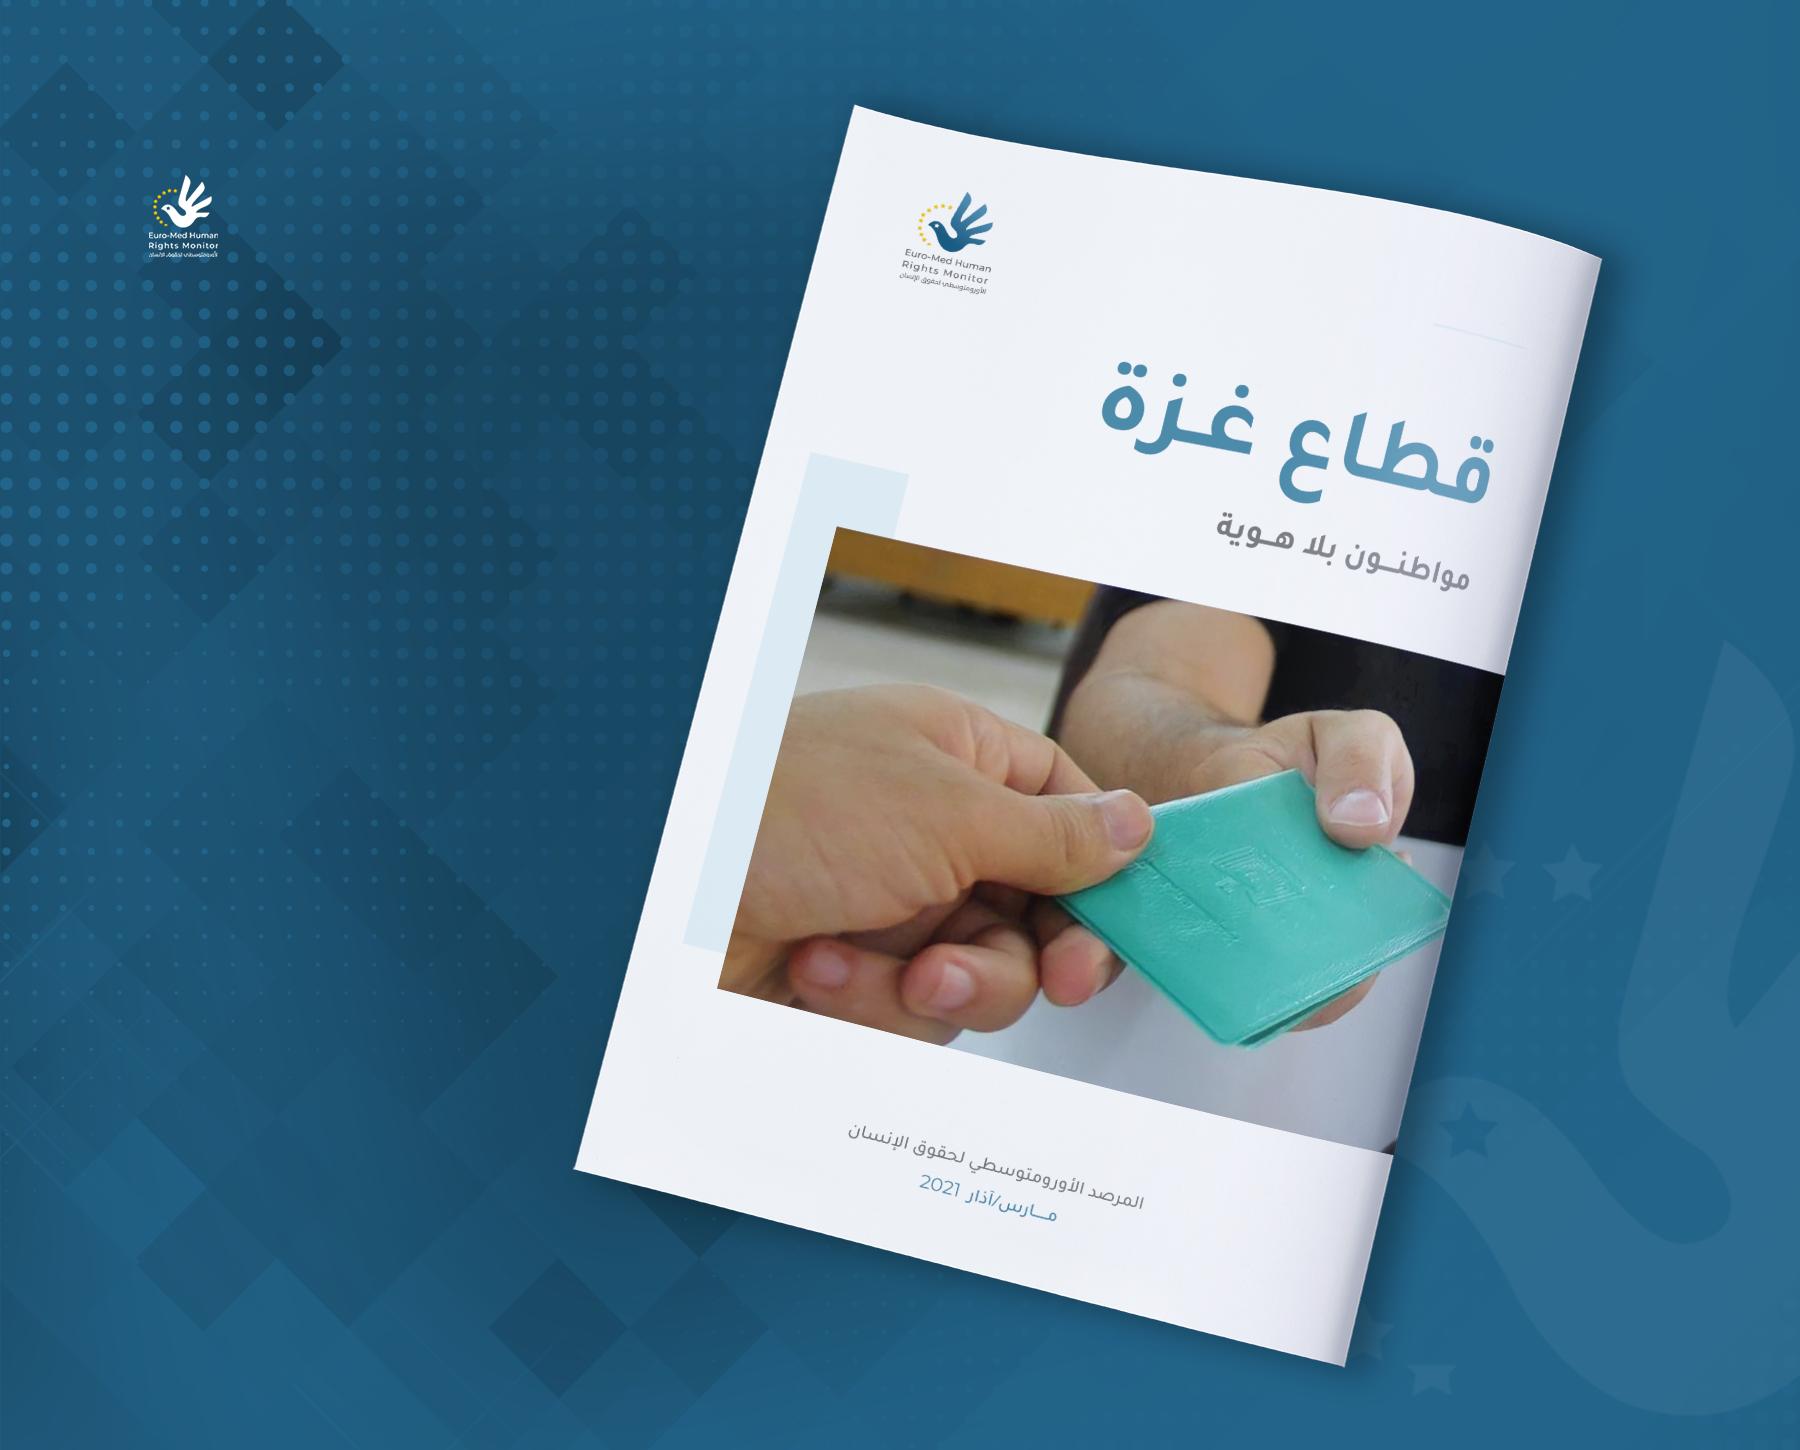 تقرير جديد: 5000 فلسطيني من قطاع غزة محرومون من الحصول على بطاقة هوية شخصية